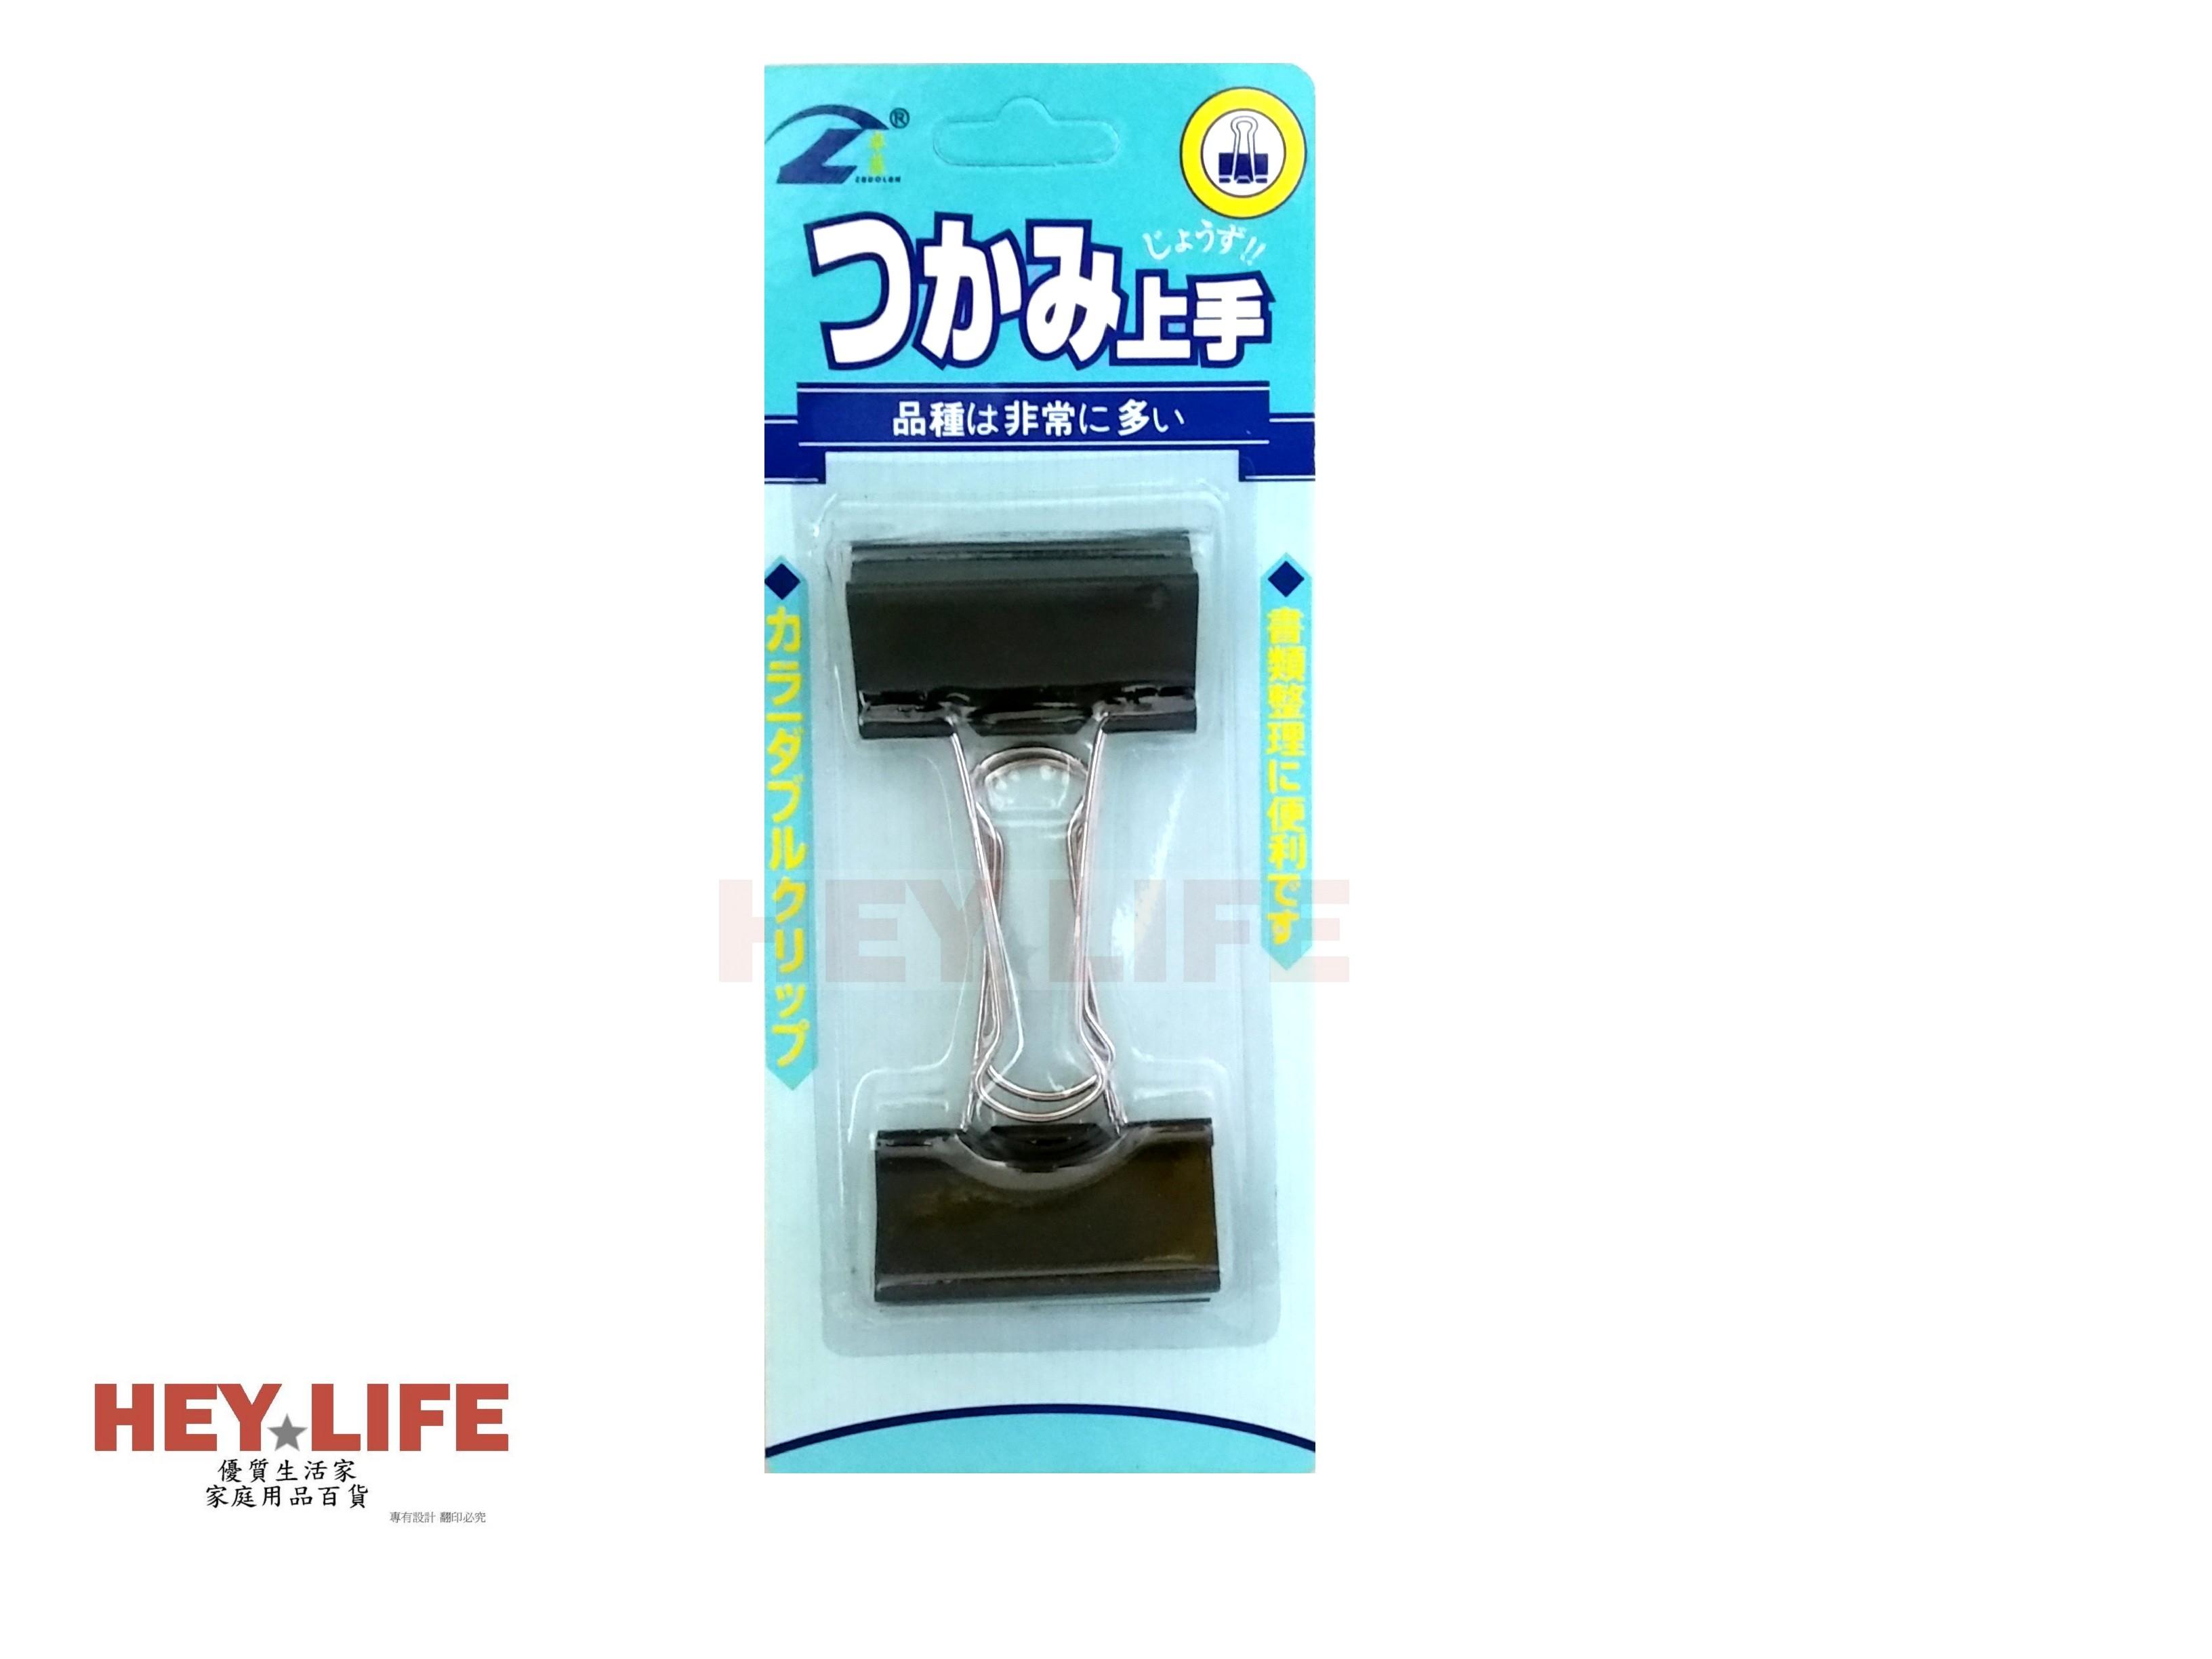 【HEYLIFE優質生活家】長尾夾(黑色)2入 32mm 文具夾 夾 優質嚴選 品質保證